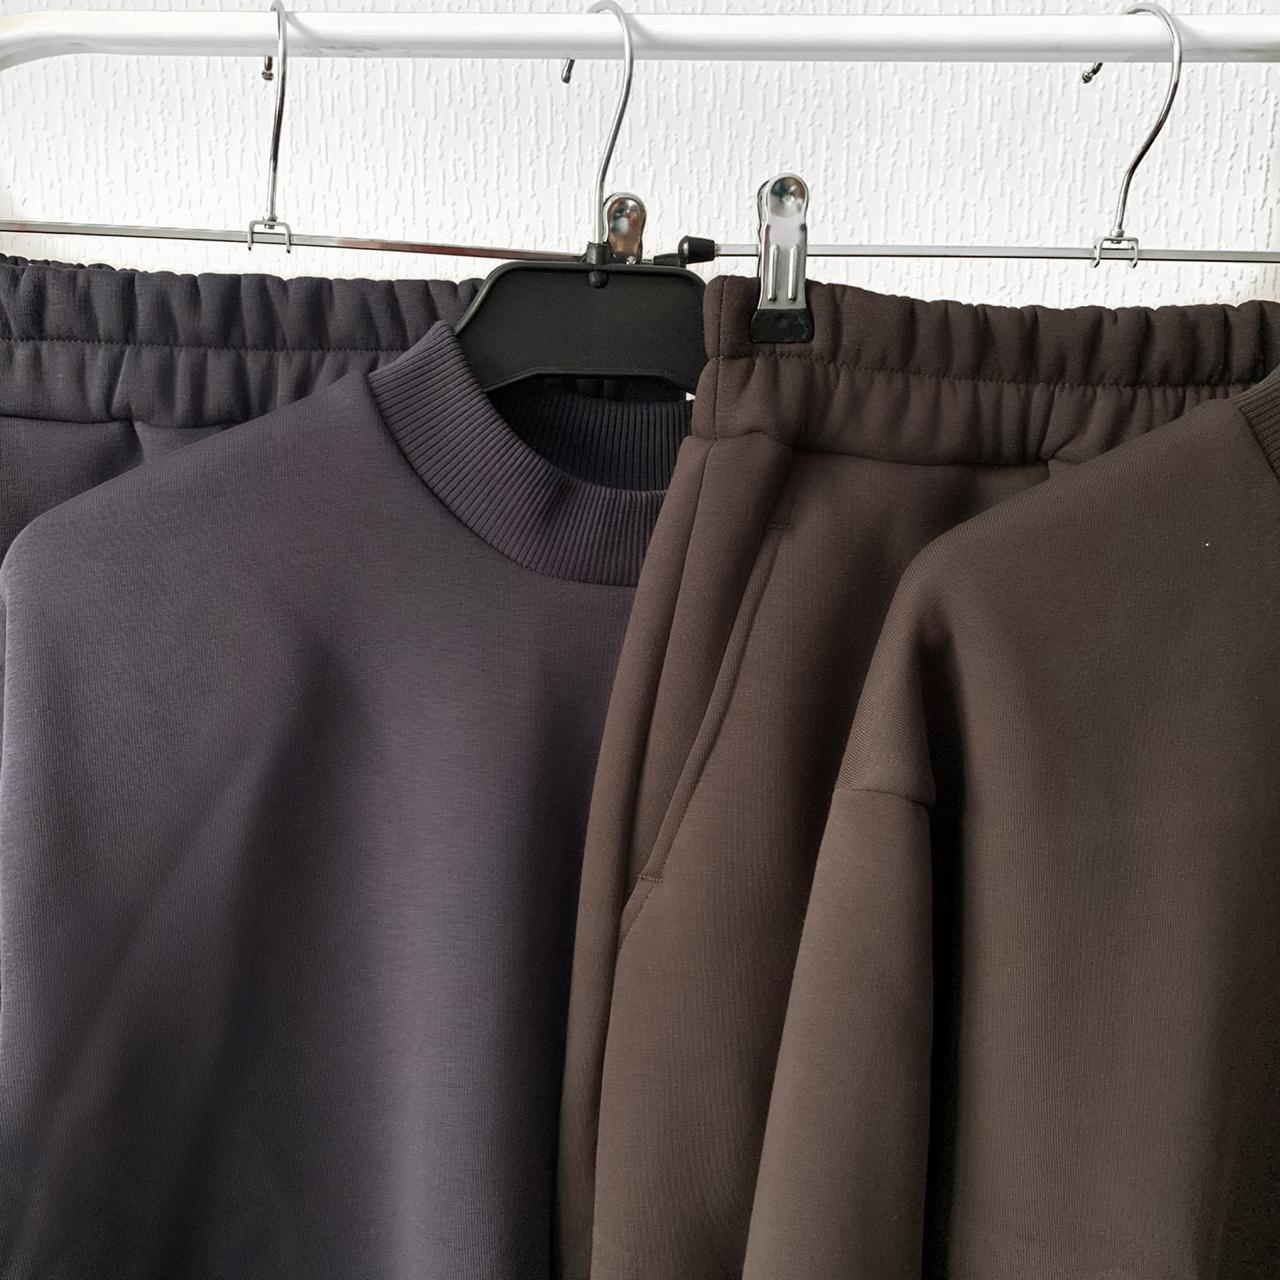 При покупке одежды из коллекции Hooligan, футболка в подарок